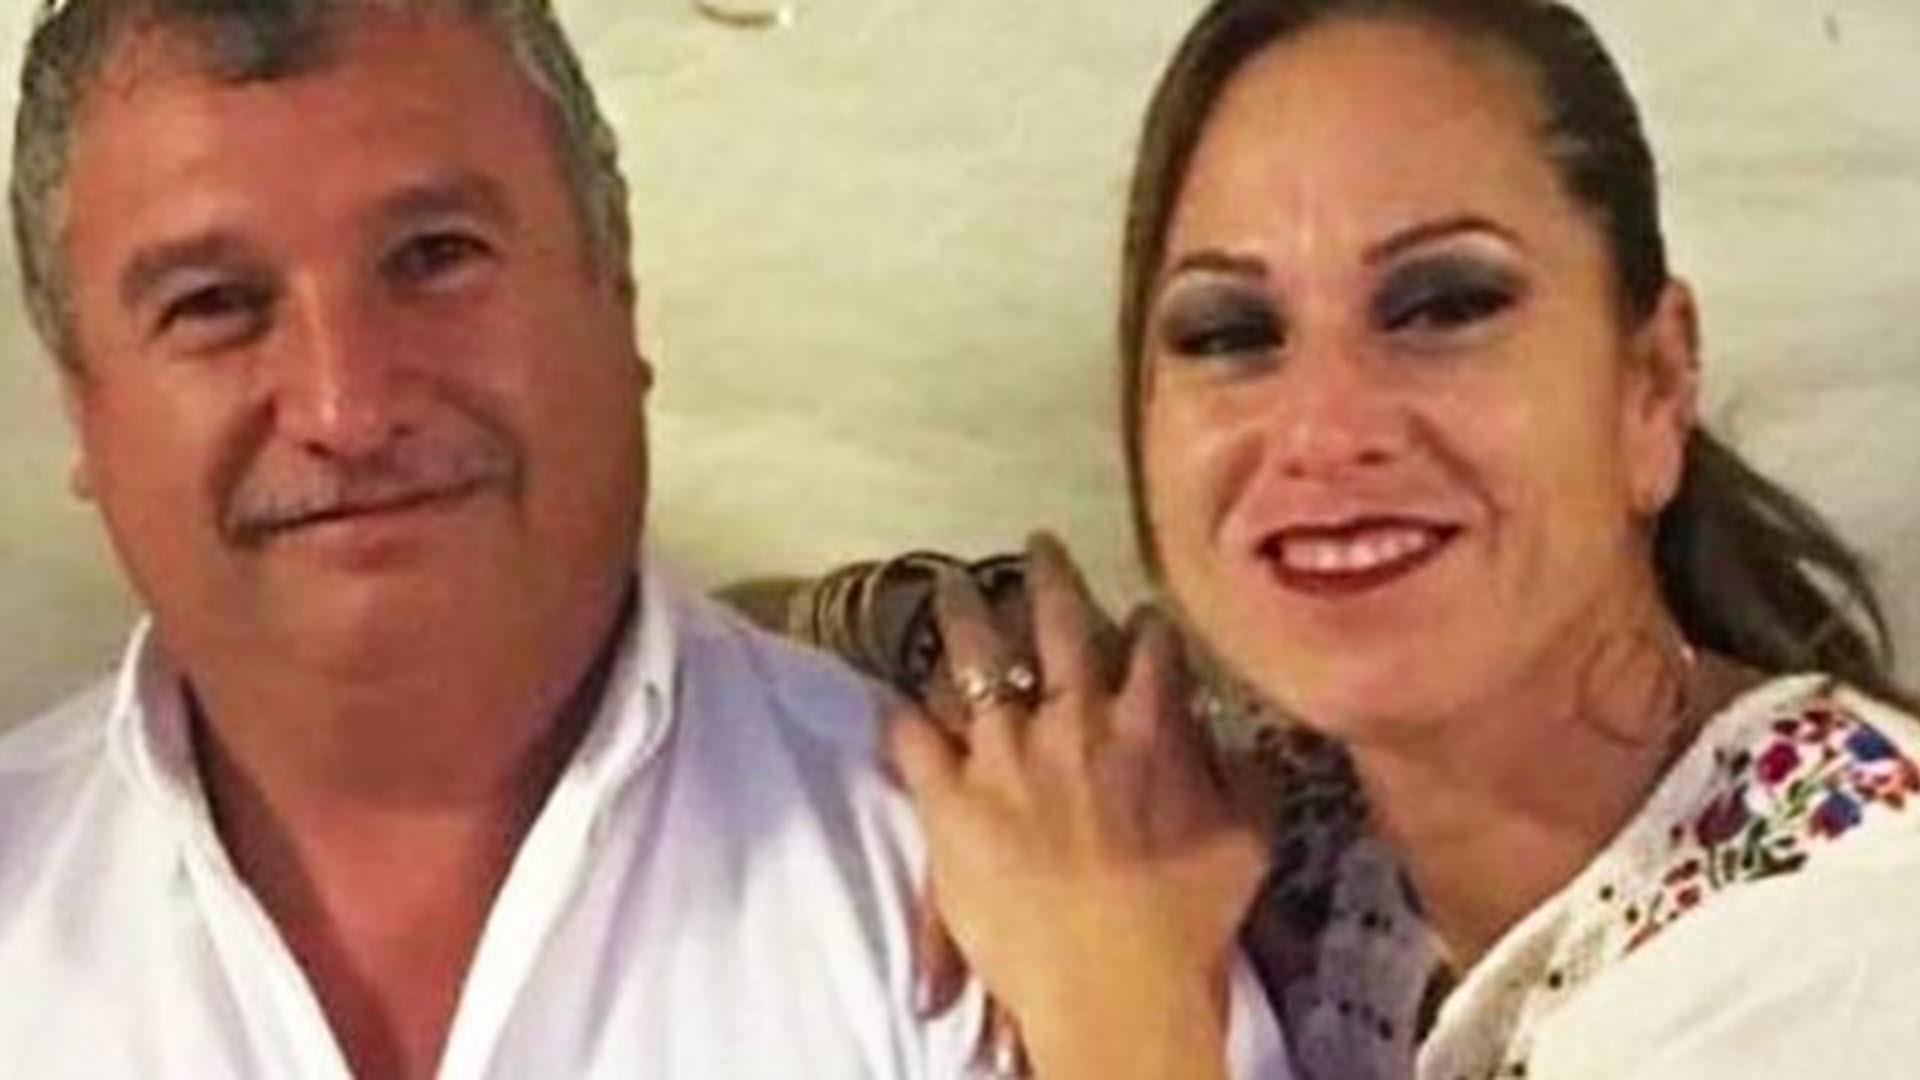 La alcaldesa de Juárez, municipio de Coahuila, con su esposo. (Foto: Especial)